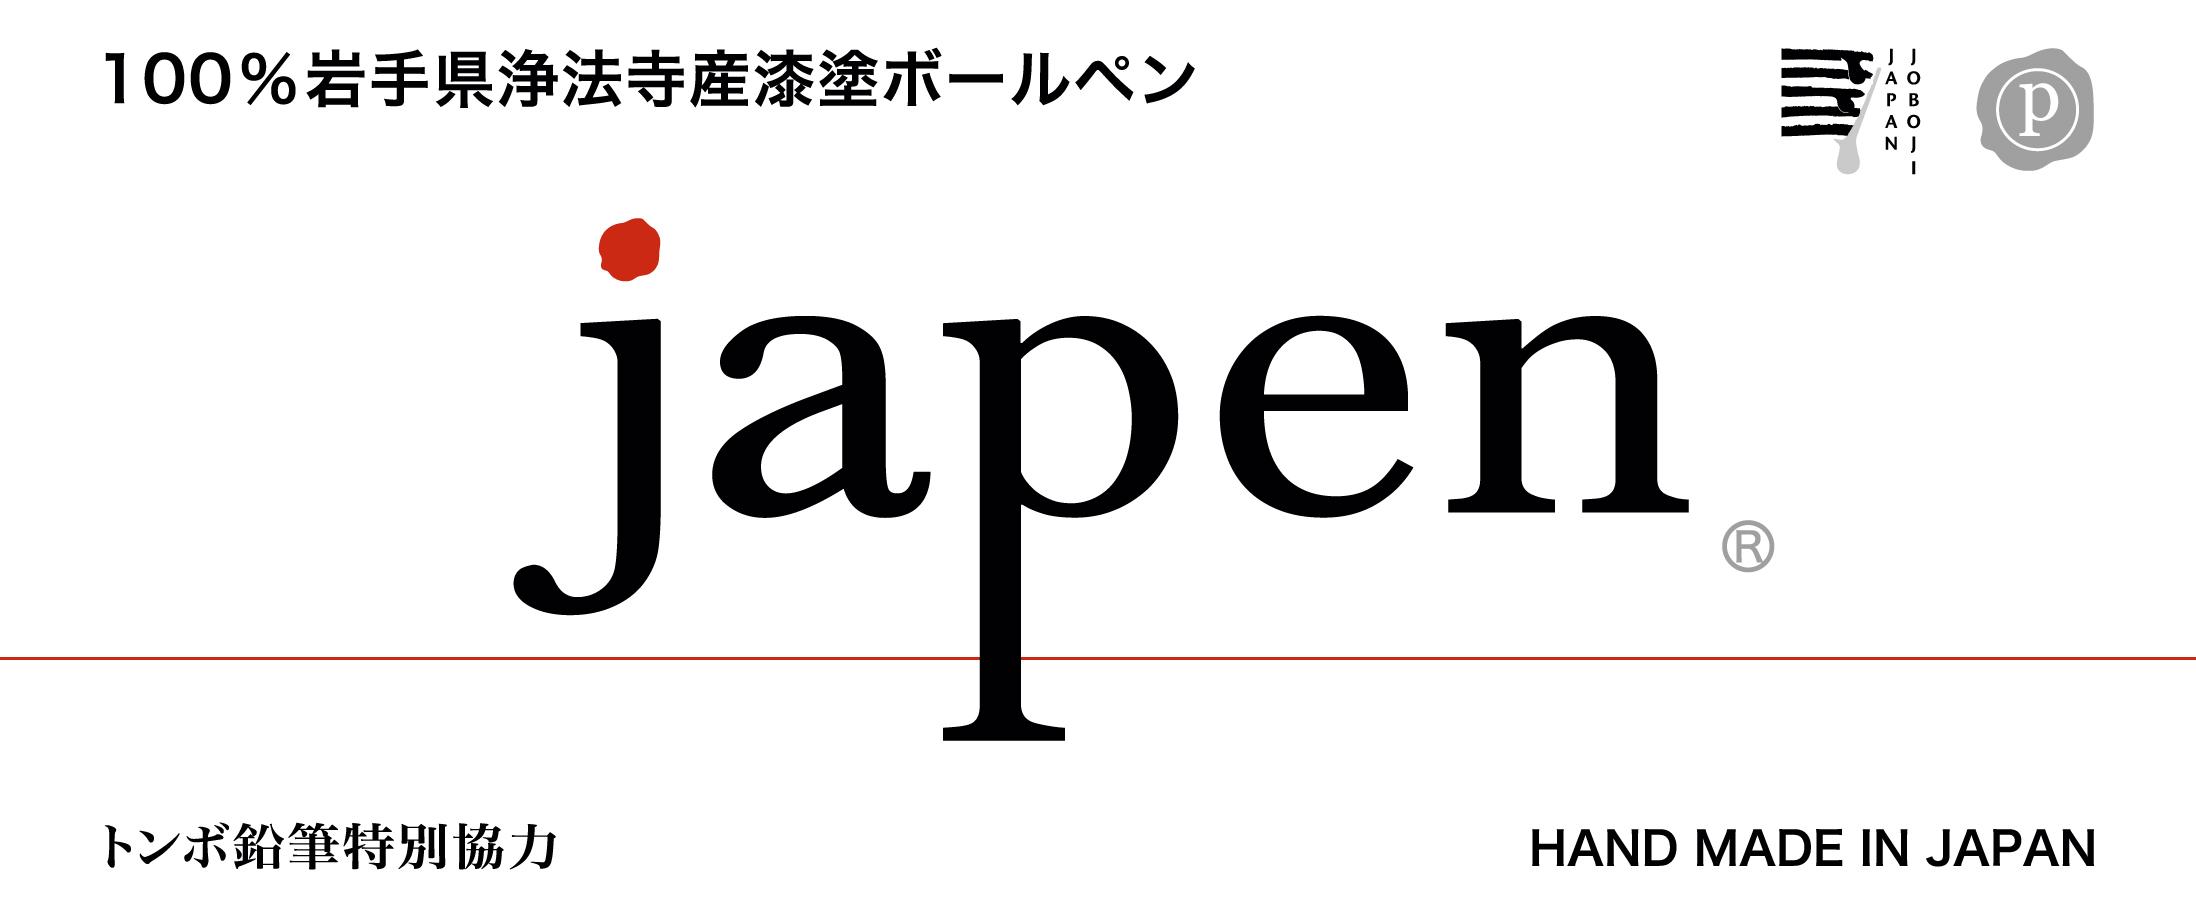 japenチラシ_B5縦_表面_OL_20160906